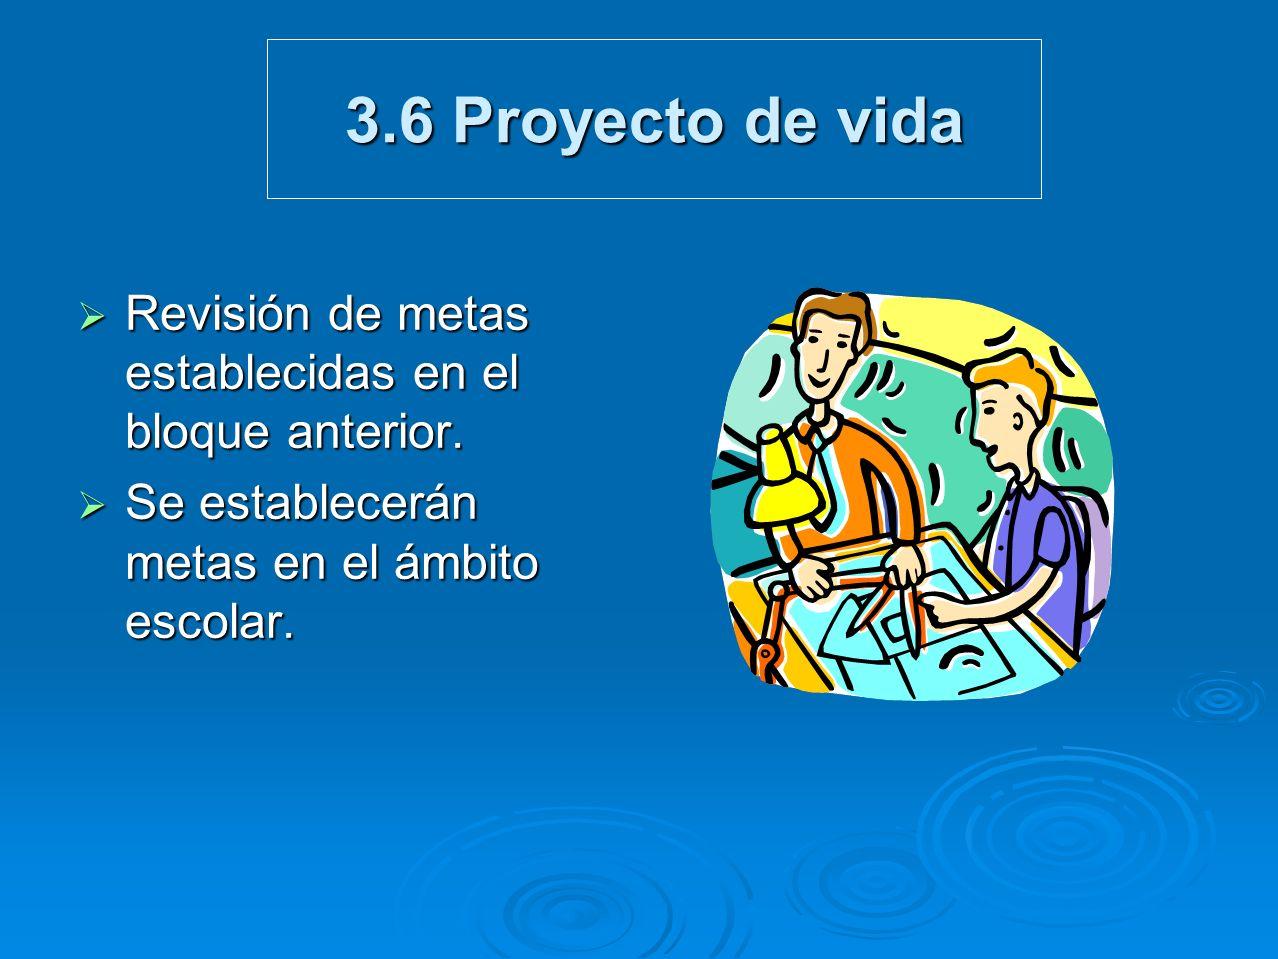 3.6 Proyecto de vida Revisión de metas establecidas en el bloque anterior. Revisión de metas establecidas en el bloque anterior. Se establecerán metas